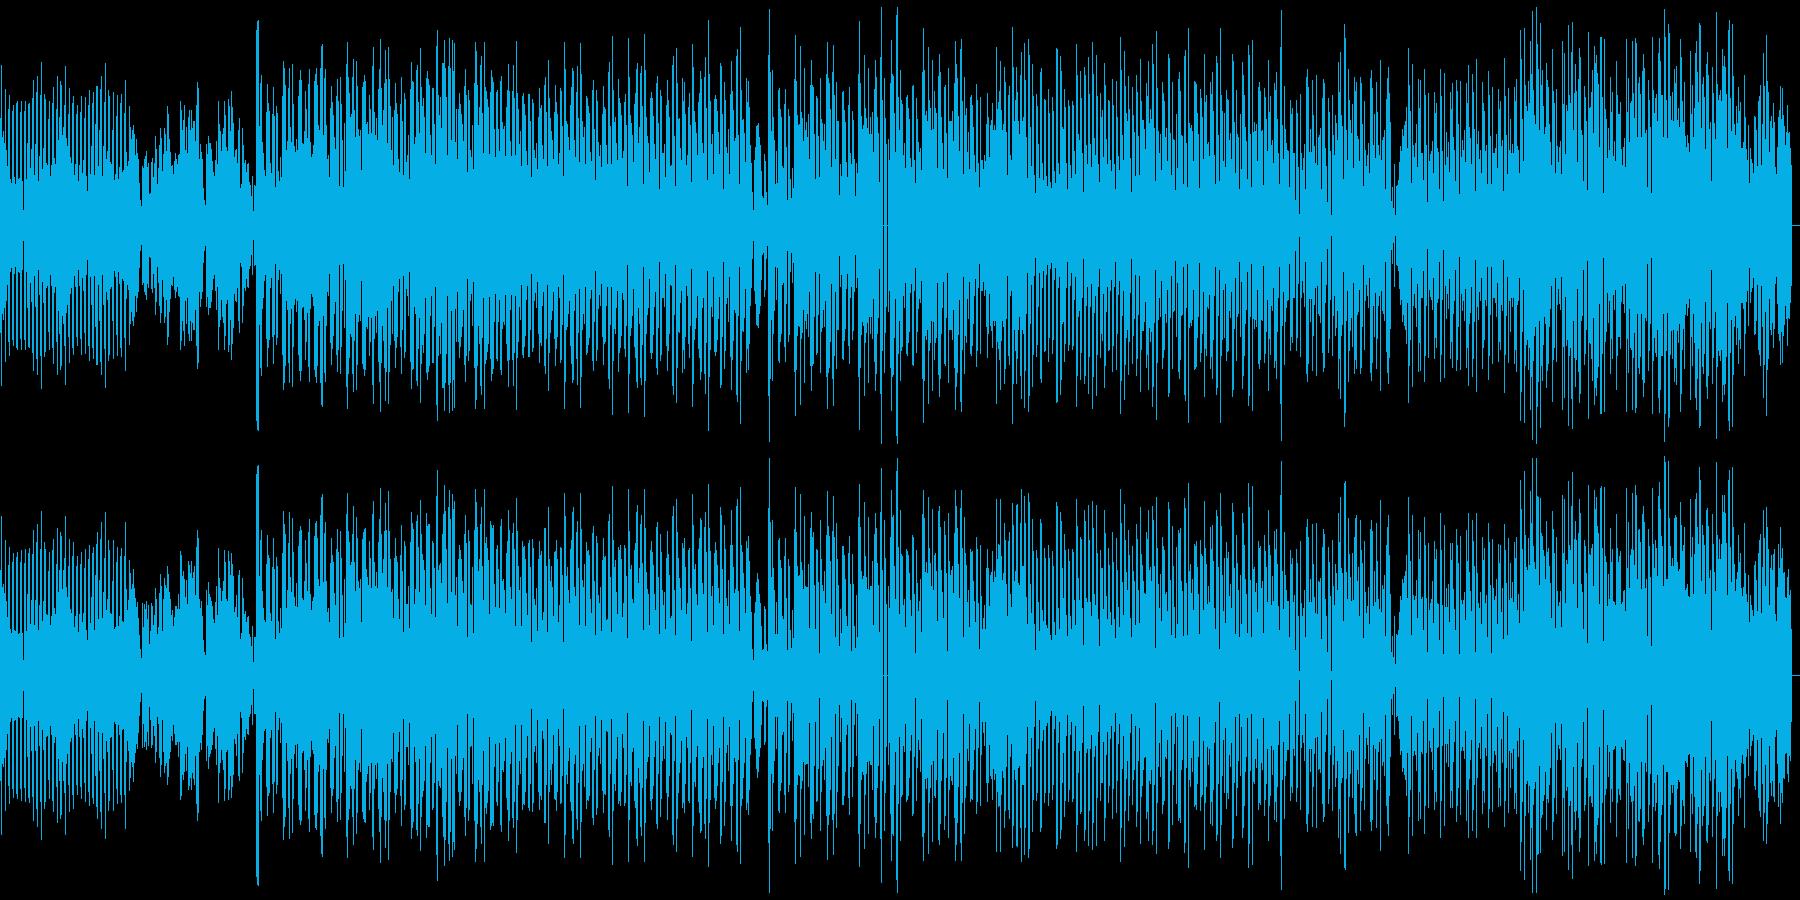 おもちゃっぽい雰囲気のDnBインストの再生済みの波形